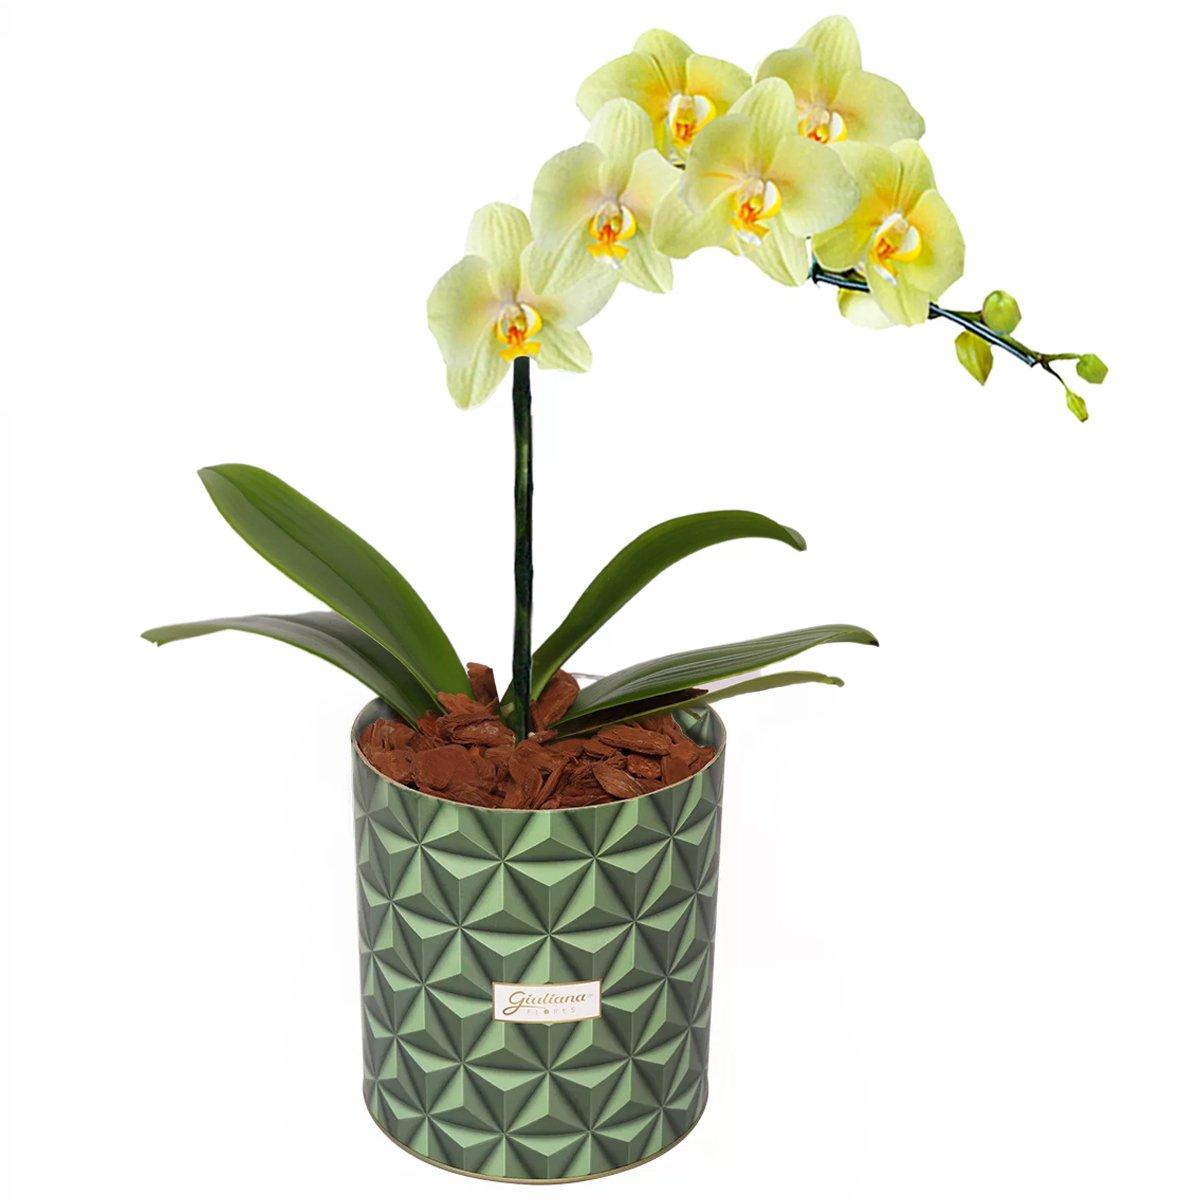 Glamurosas Orquídeas Amarelas